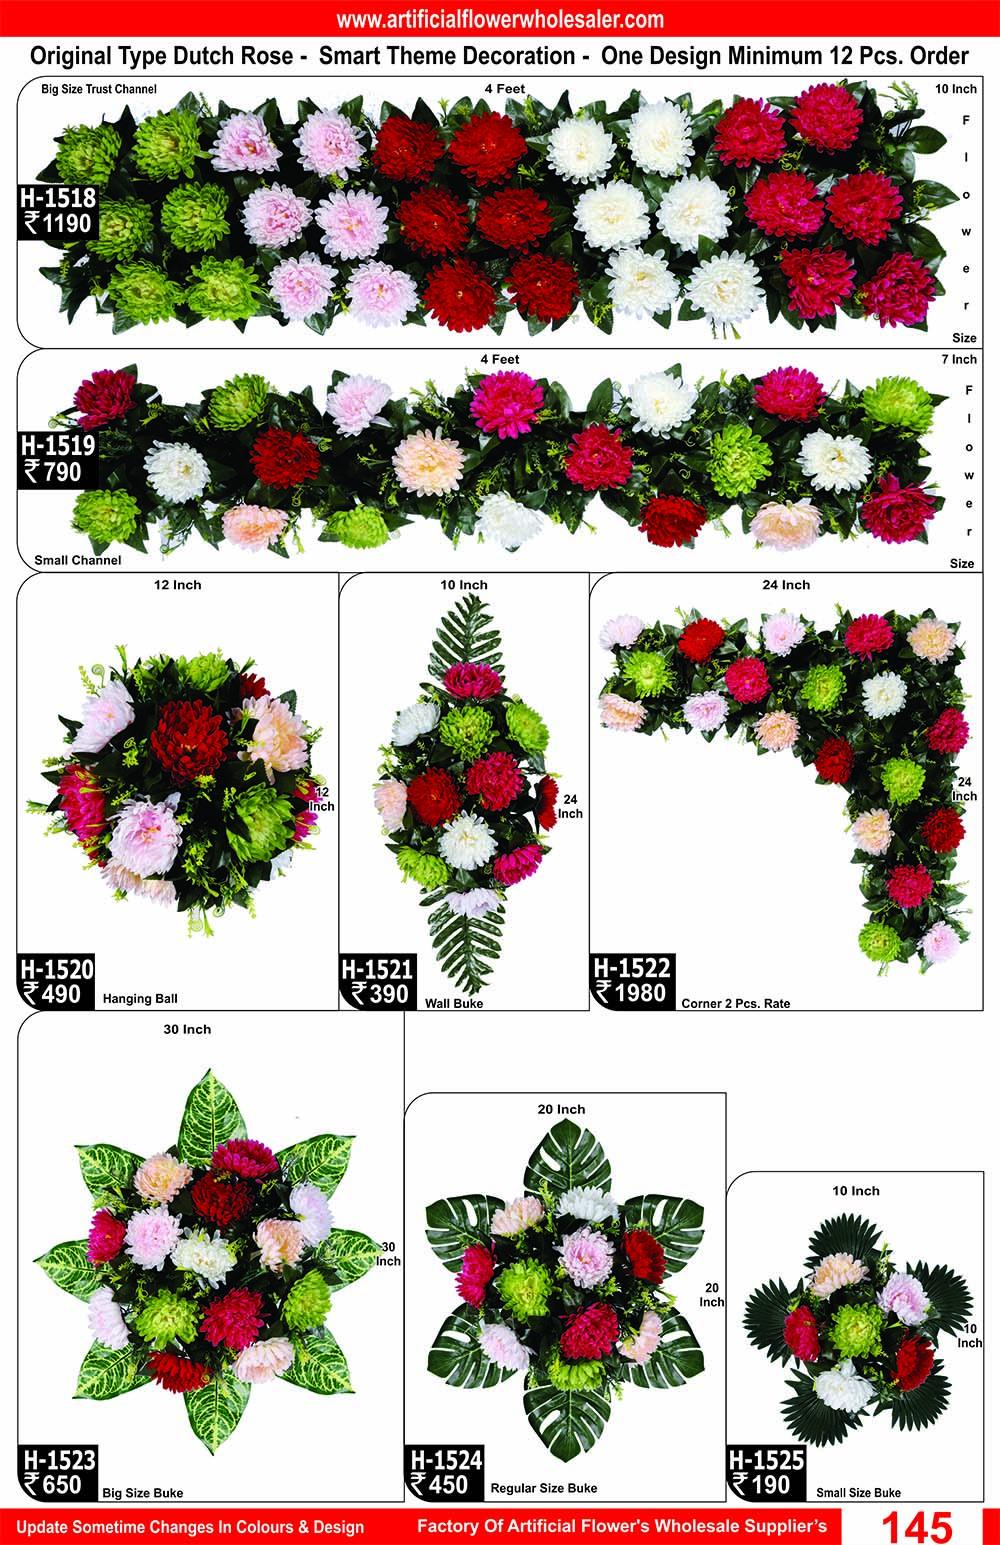 145-artificial-flower-wholesaler